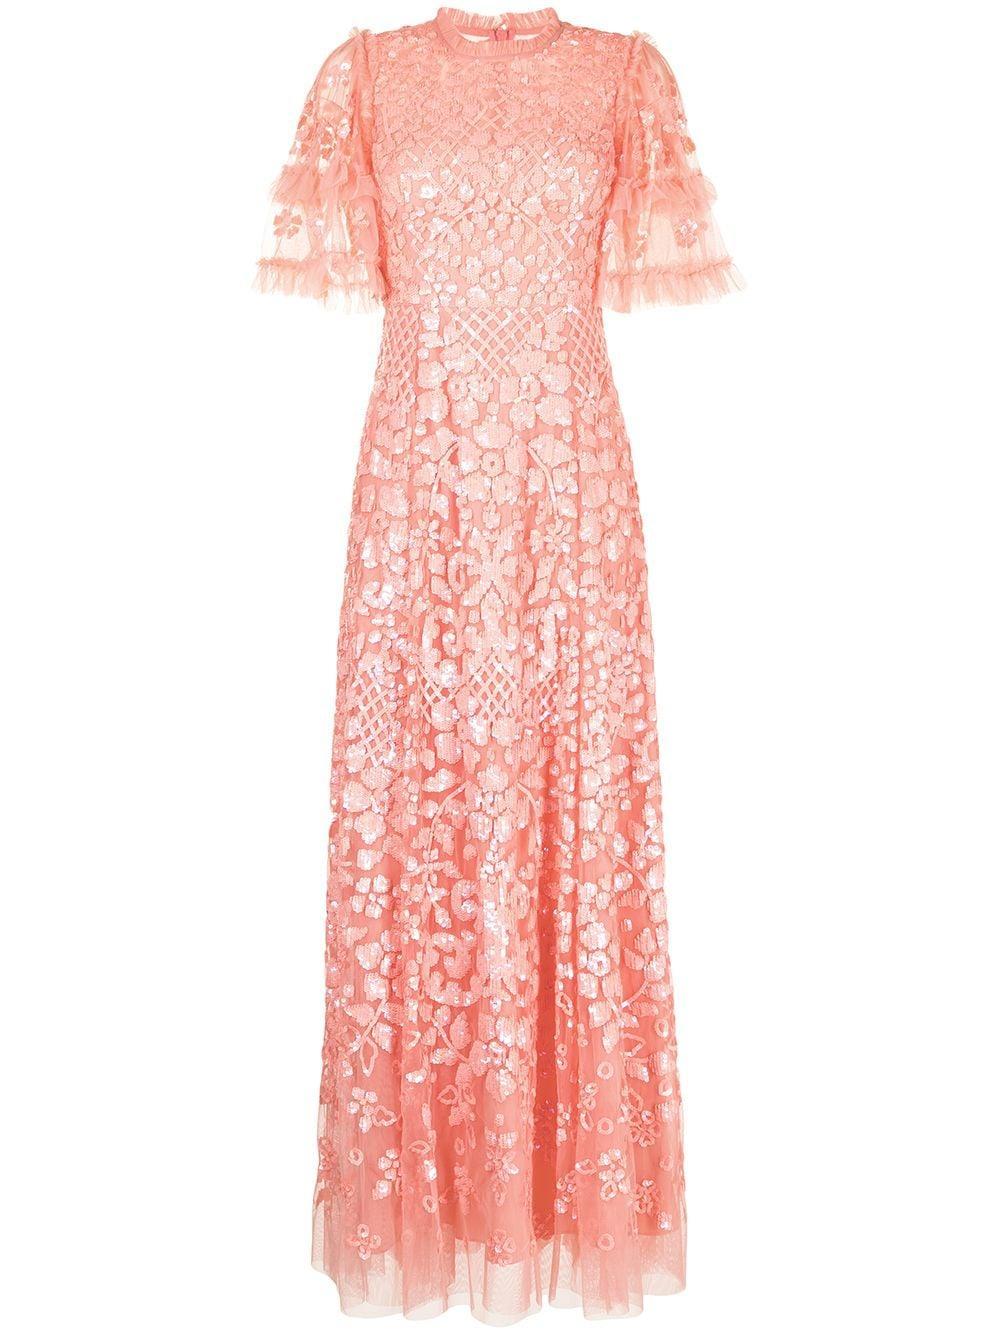 Aurelia Gown Item # DG-SS-02-RSS21-CRL